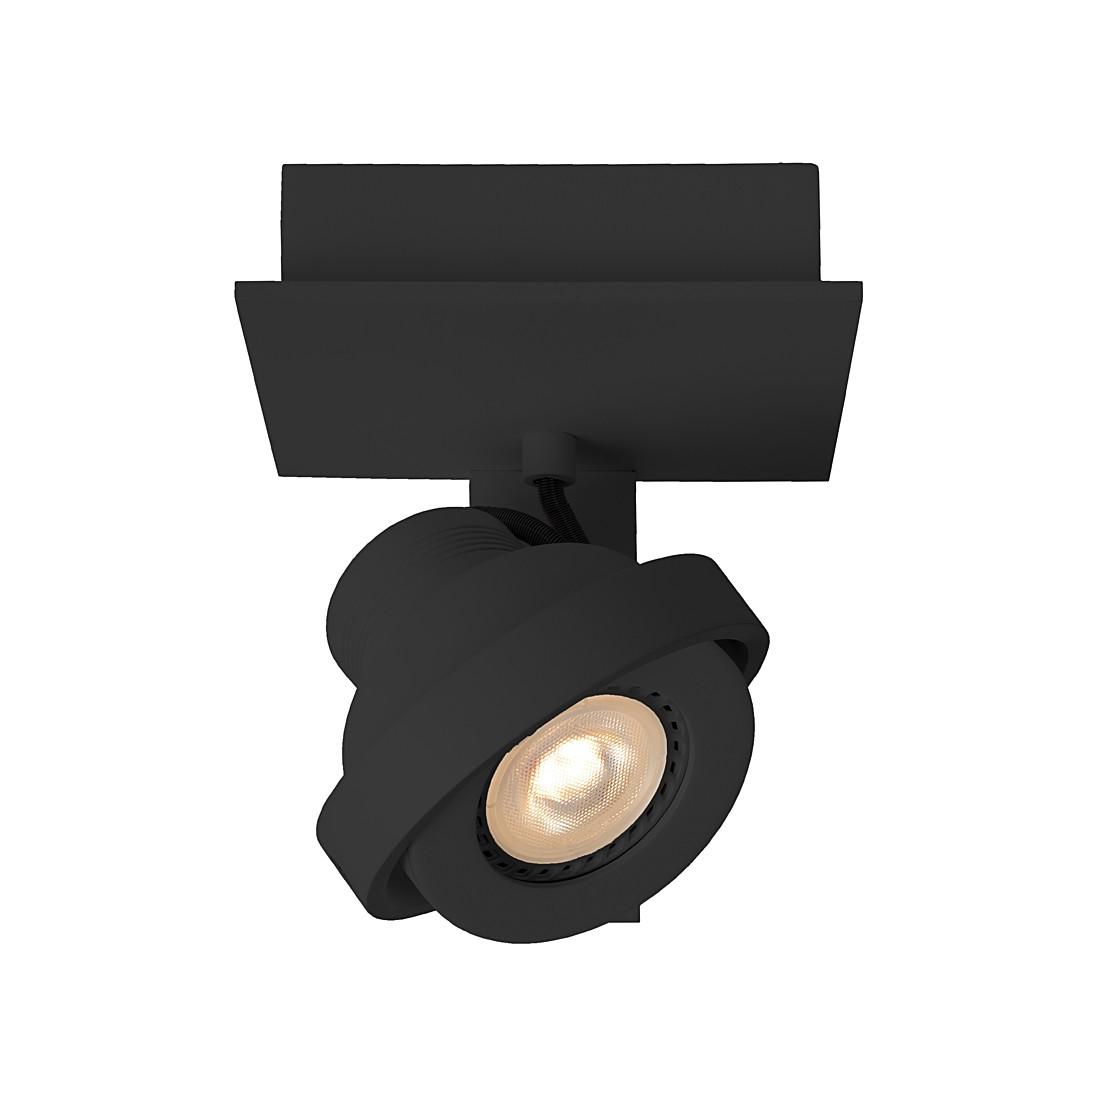 Plafonnier LUCI-1 LED